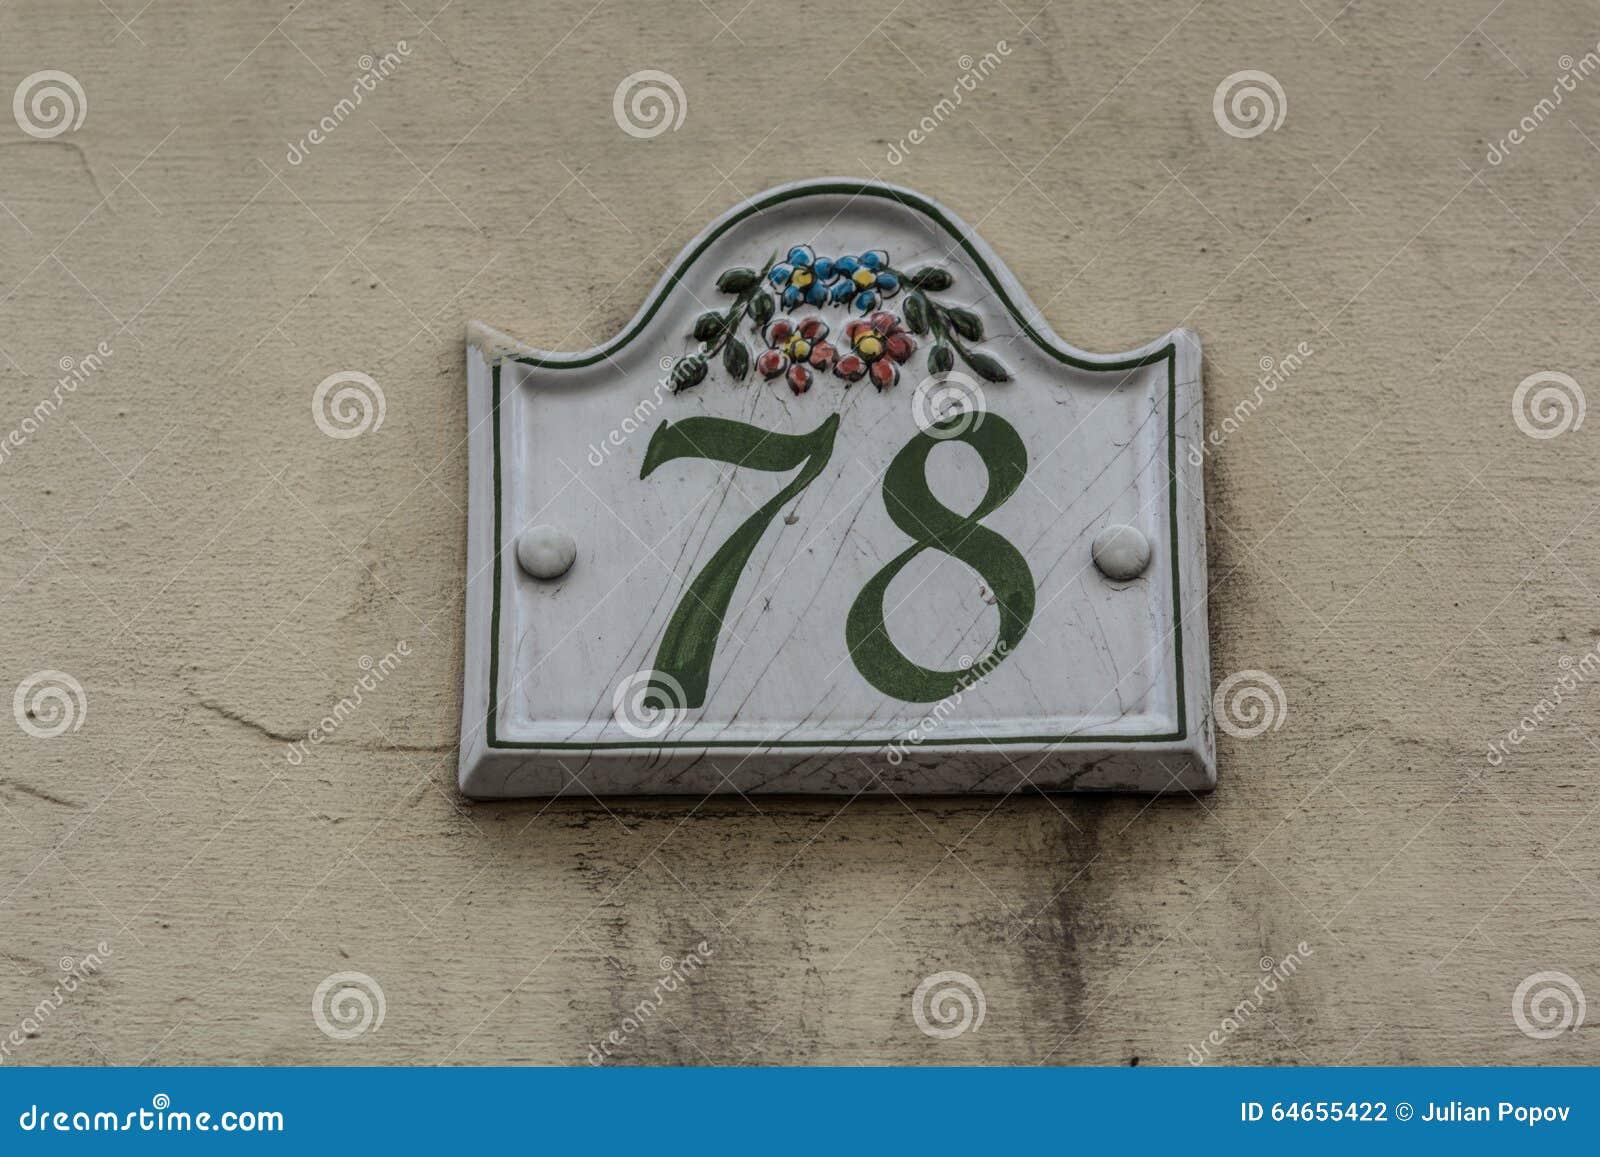 Piastrella con numero civico numero civico arreden numero civico